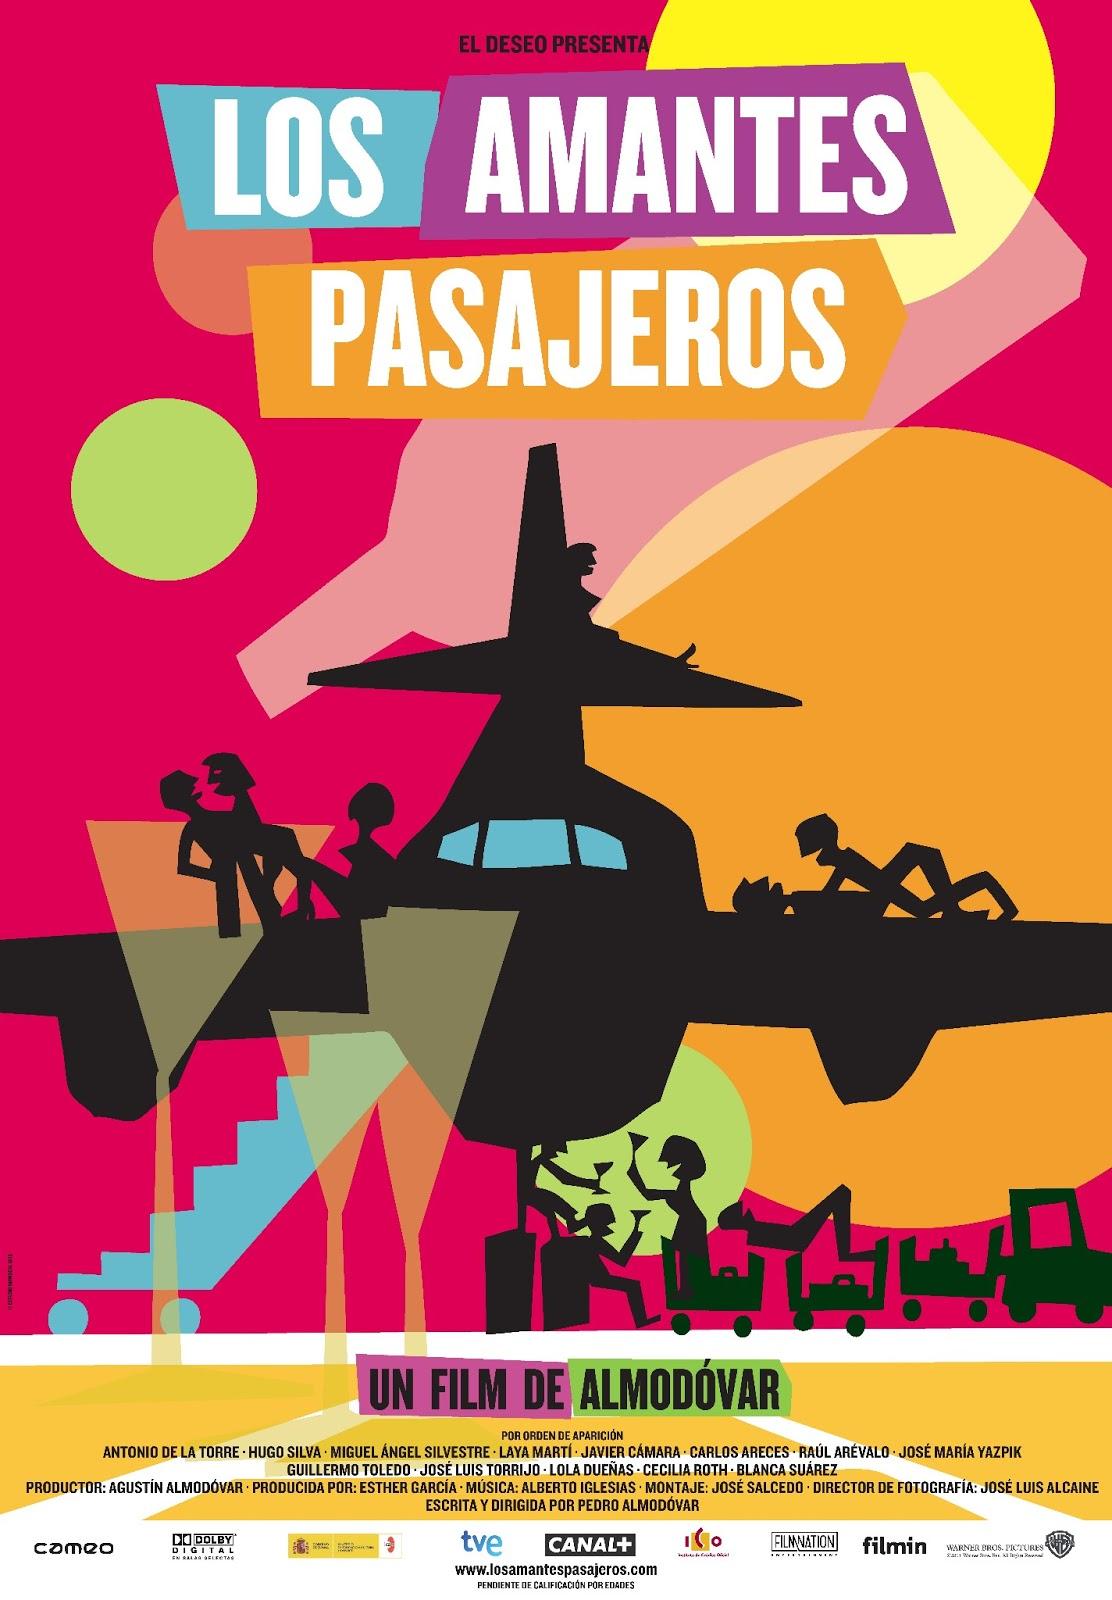 http://4.bp.blogspot.com/-ohDuA4EuF14/URfQz1iTxQI/AAAAAAAAG4c/mE2ijLFD-yE/s1600/amantes-poster1.jpg